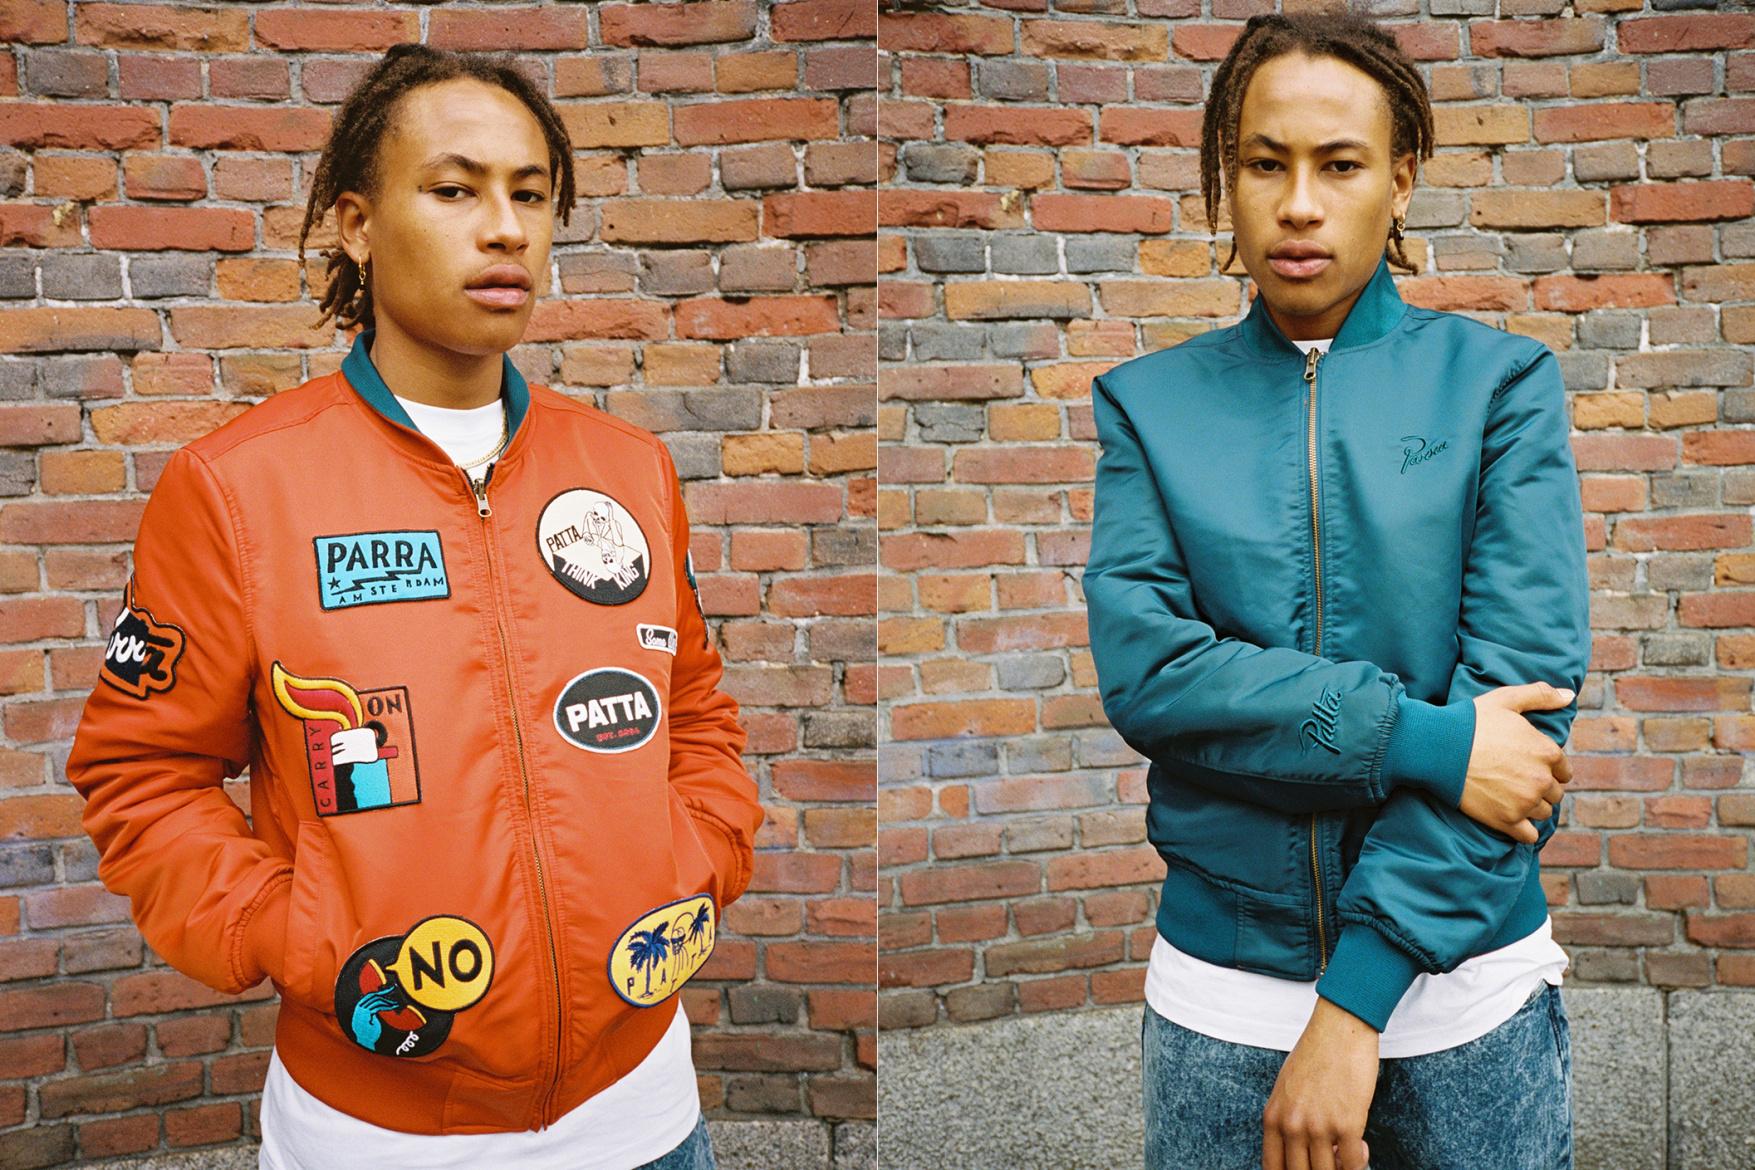 Parra x Patta : Deux marques, deux styles, une pièce